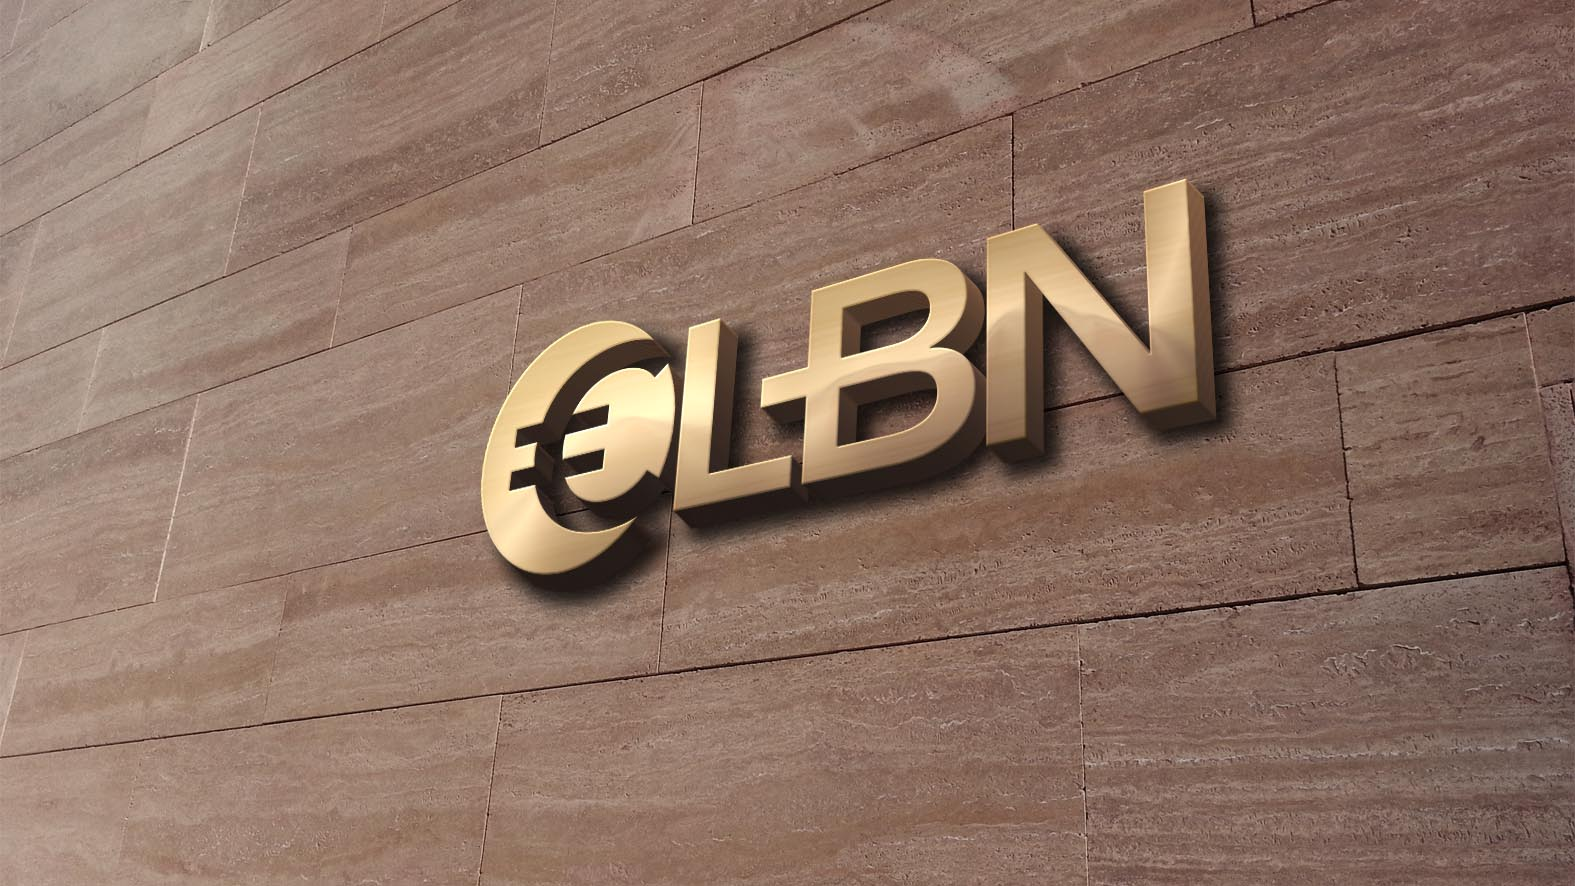 CLBN 公司Logo�O�_3025280_k68威客�W